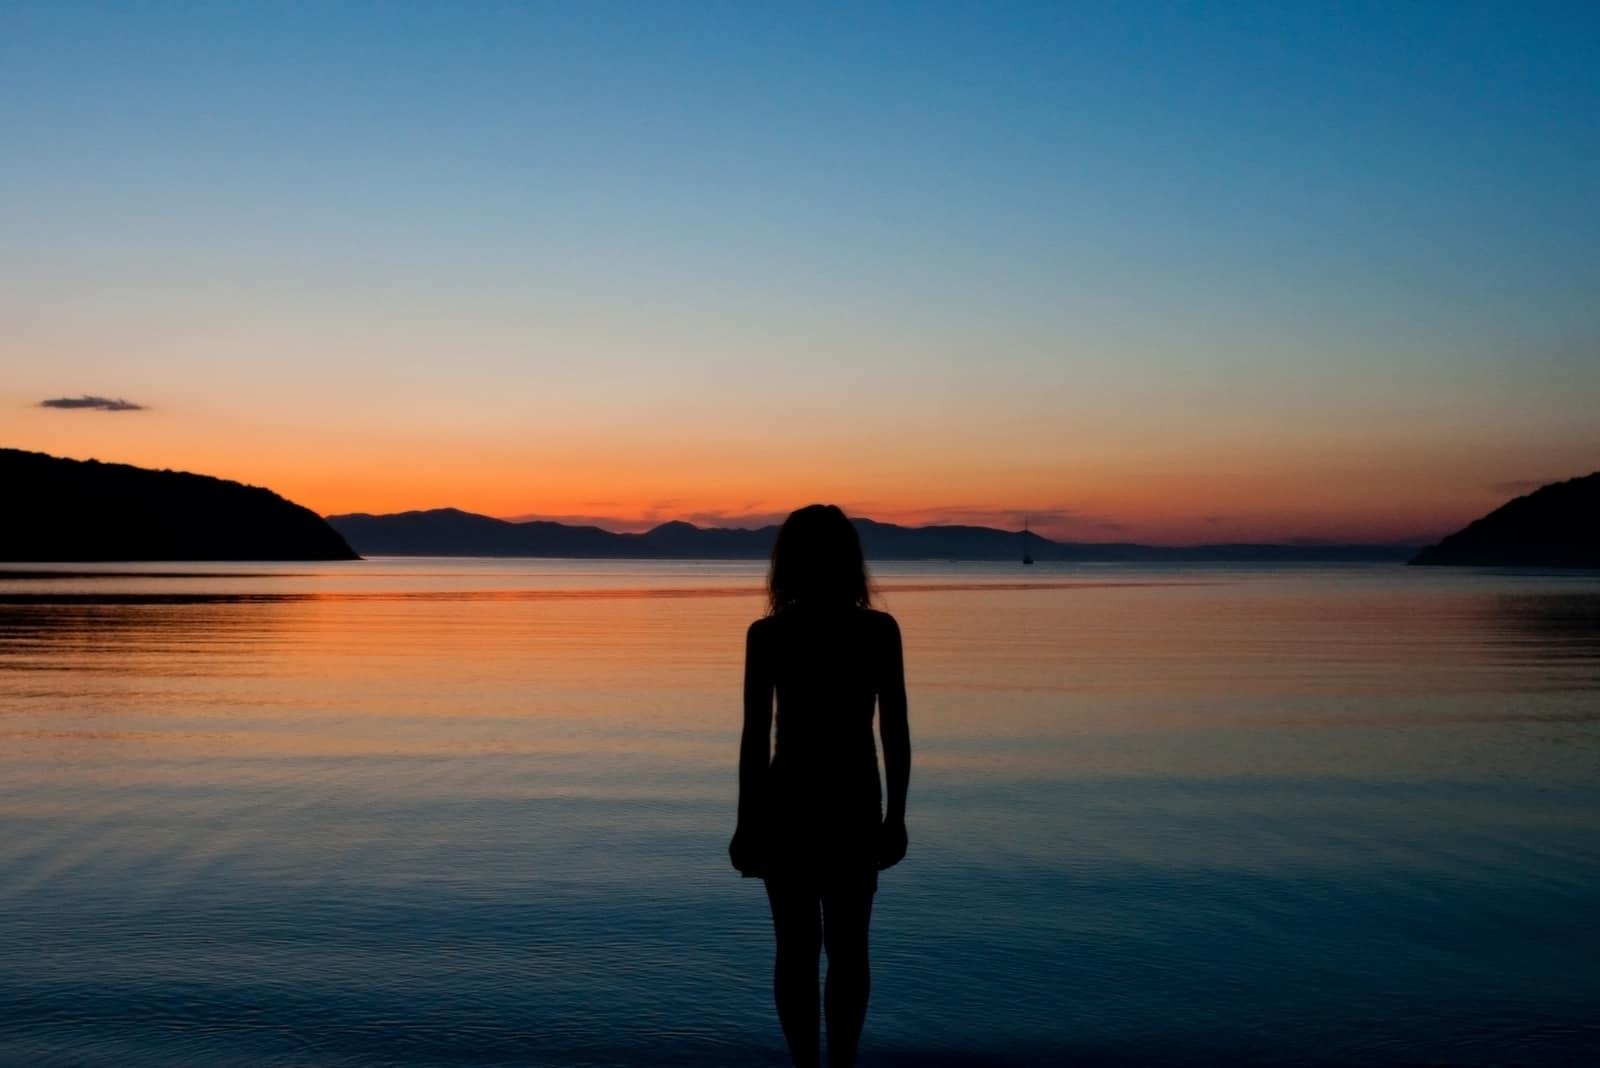 schwarze Silhouette einer Frau